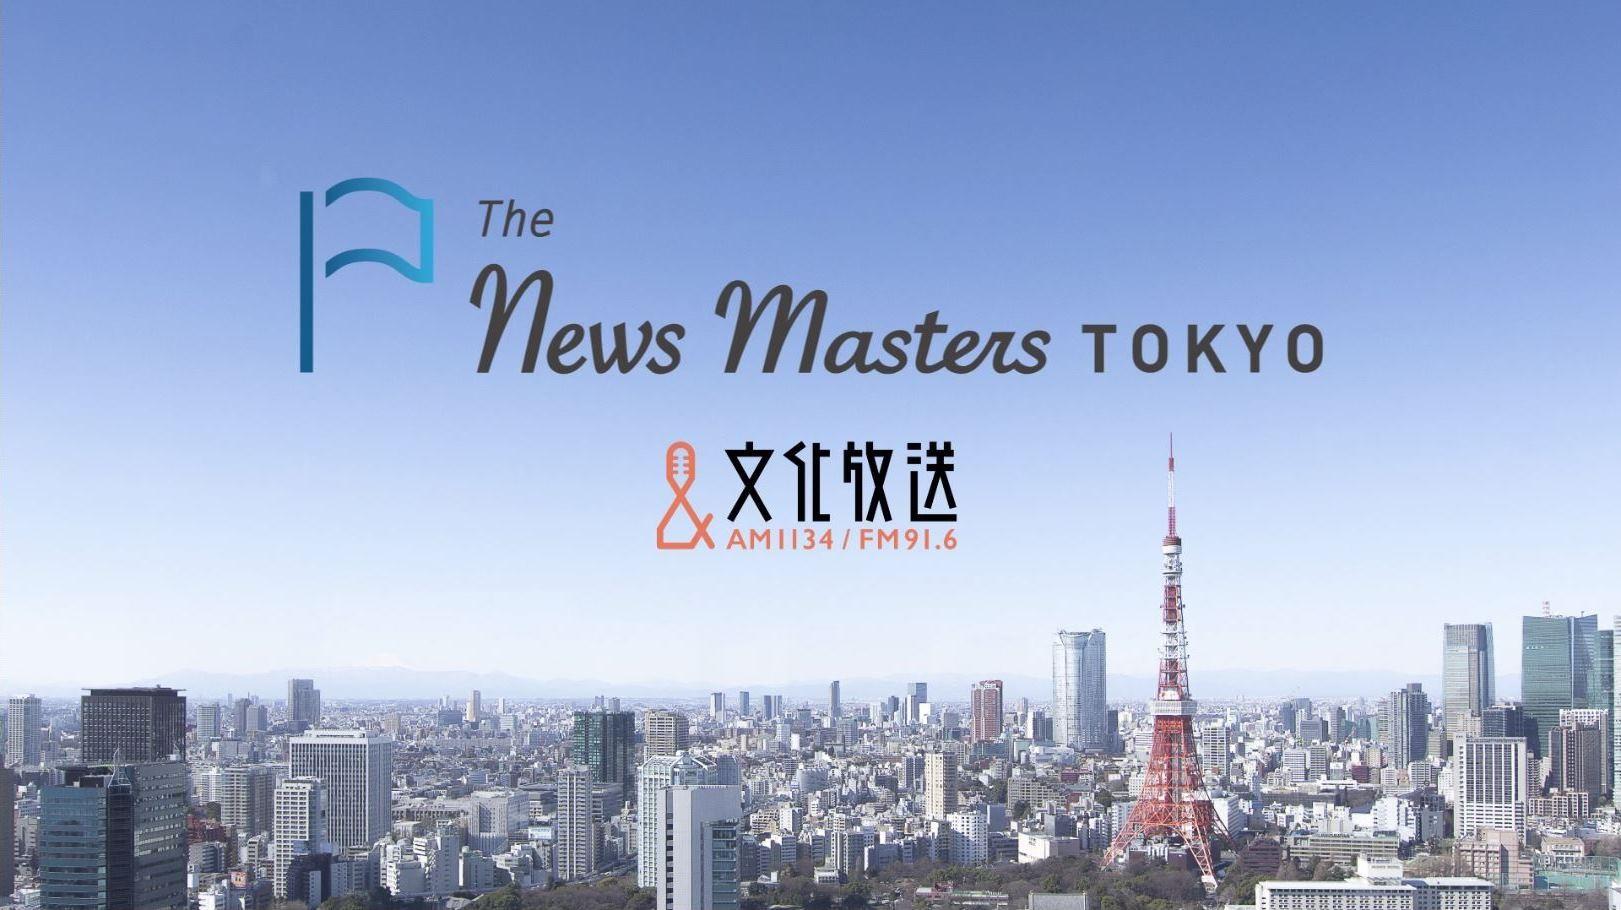 平日朝ワイド『The News Masters TOKYO』スペシャルムービー